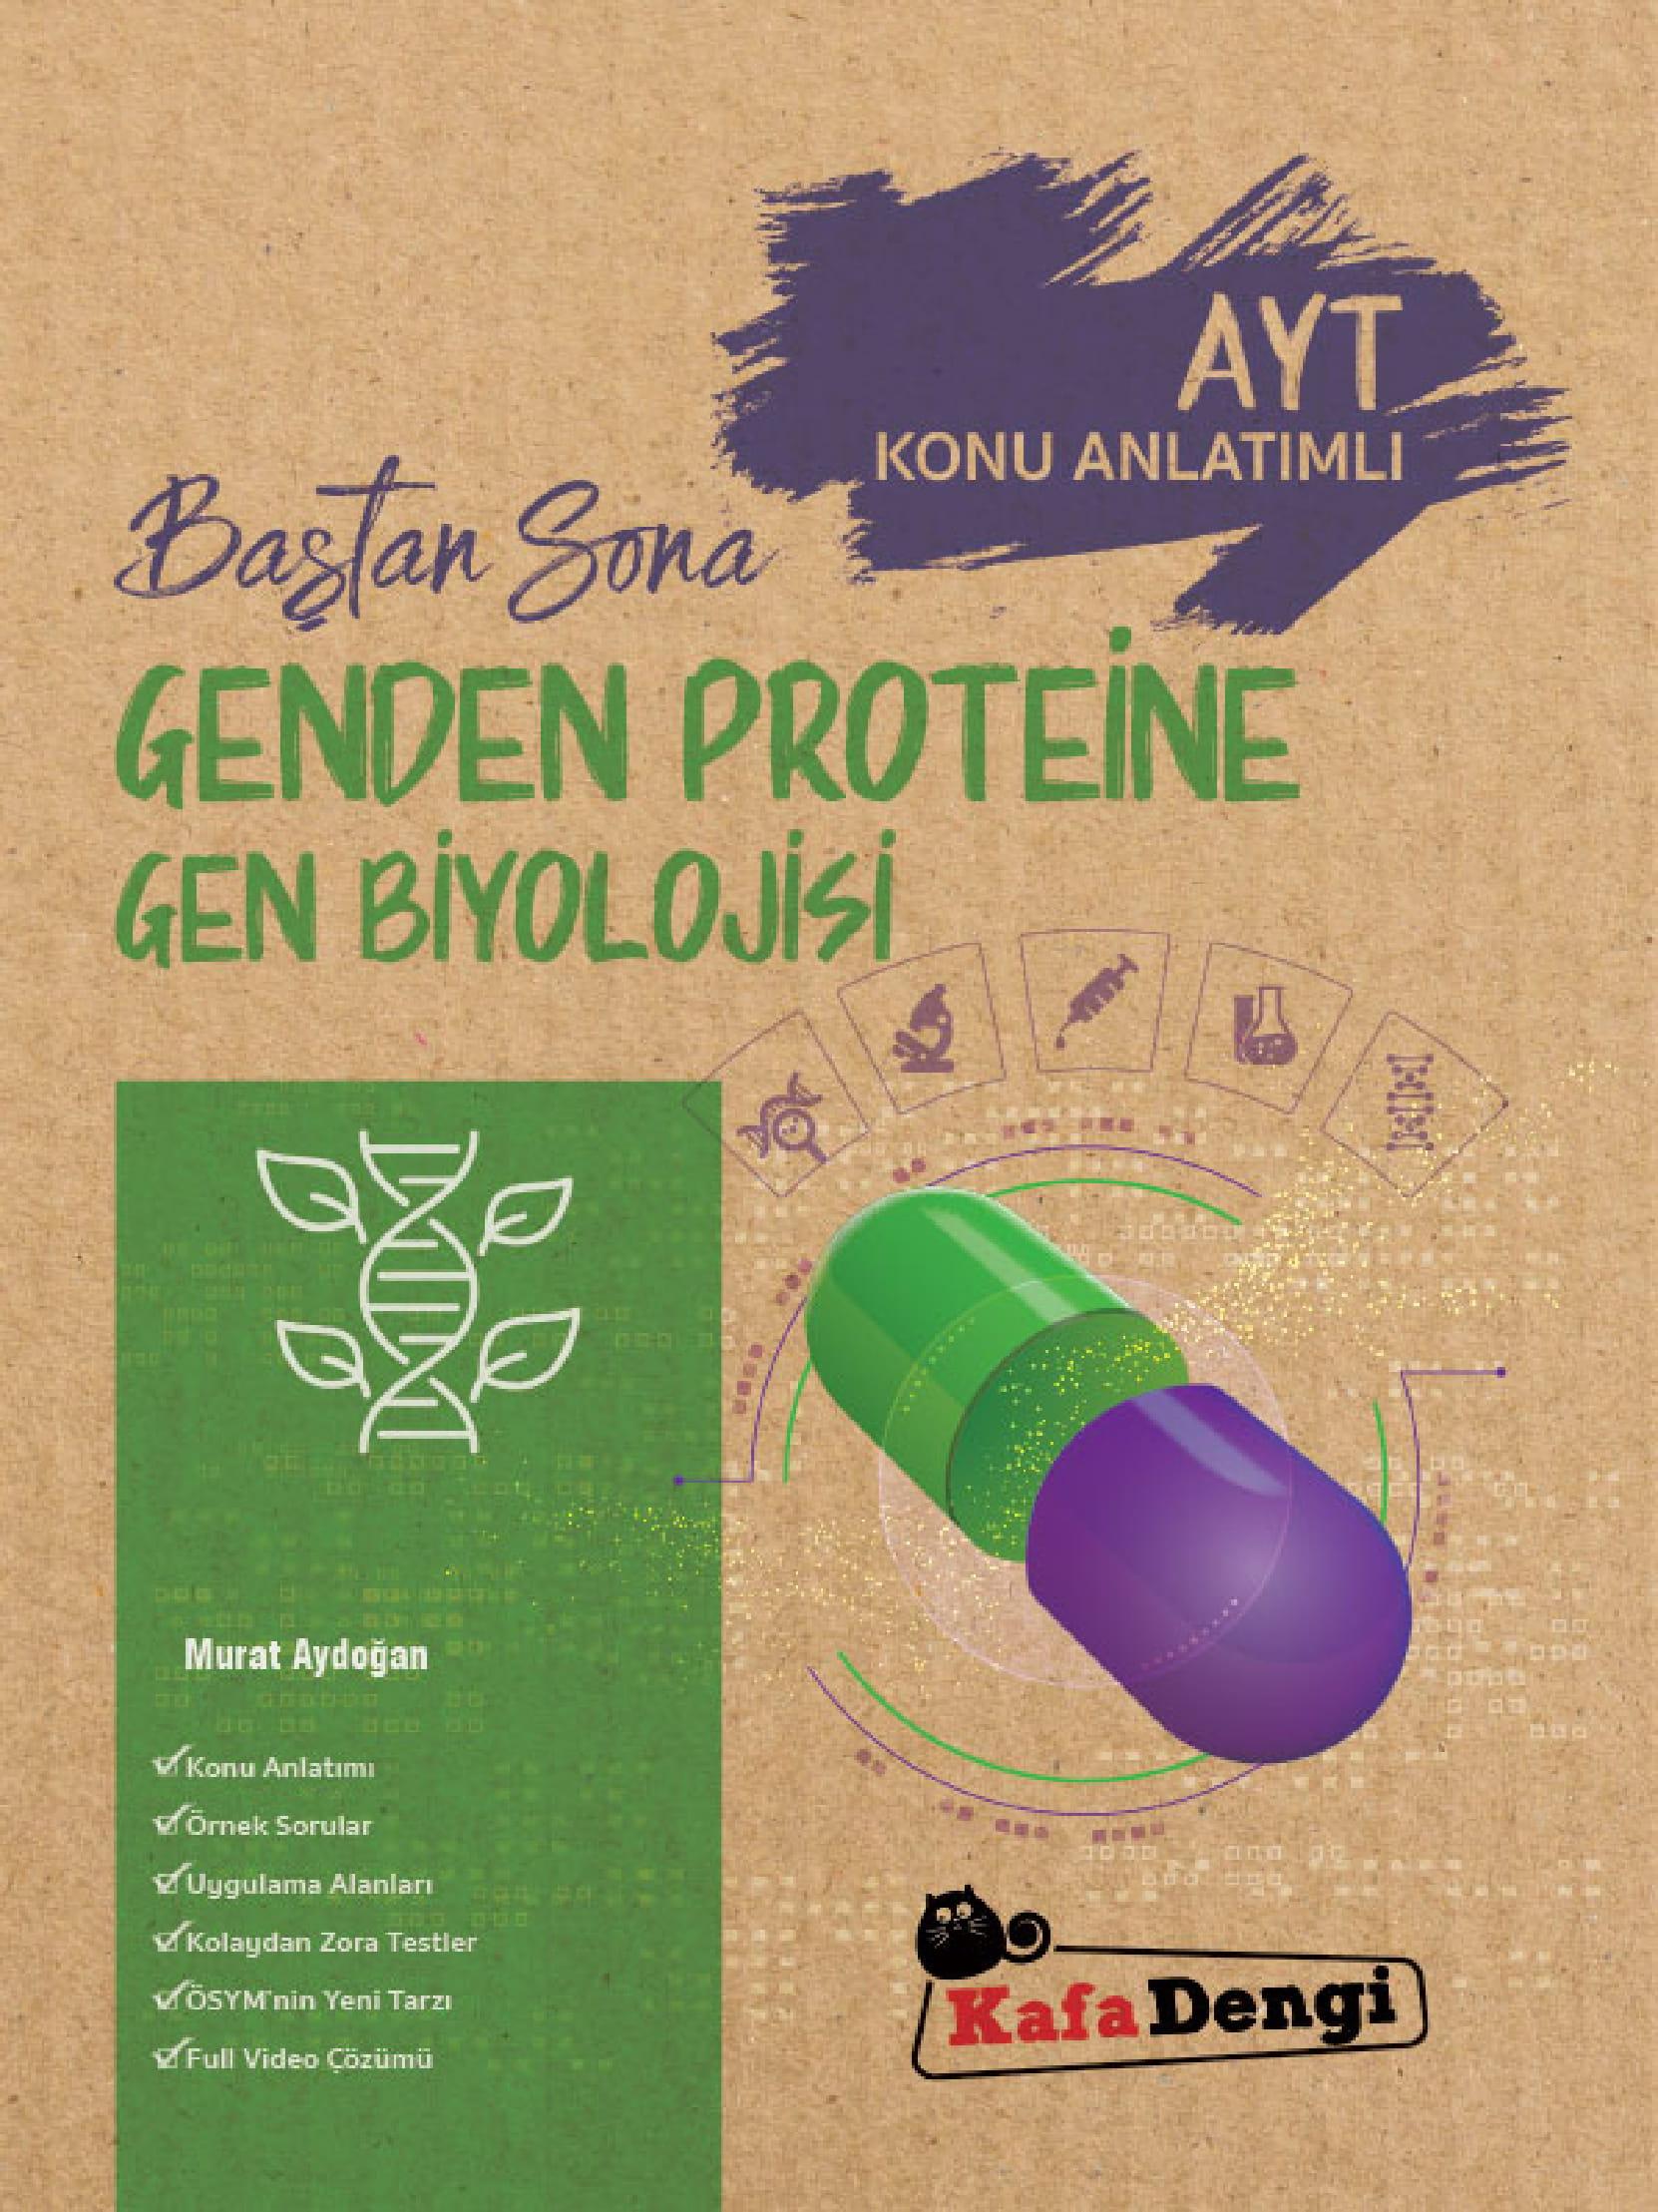 Baştan Sona Gen Biyolojisi